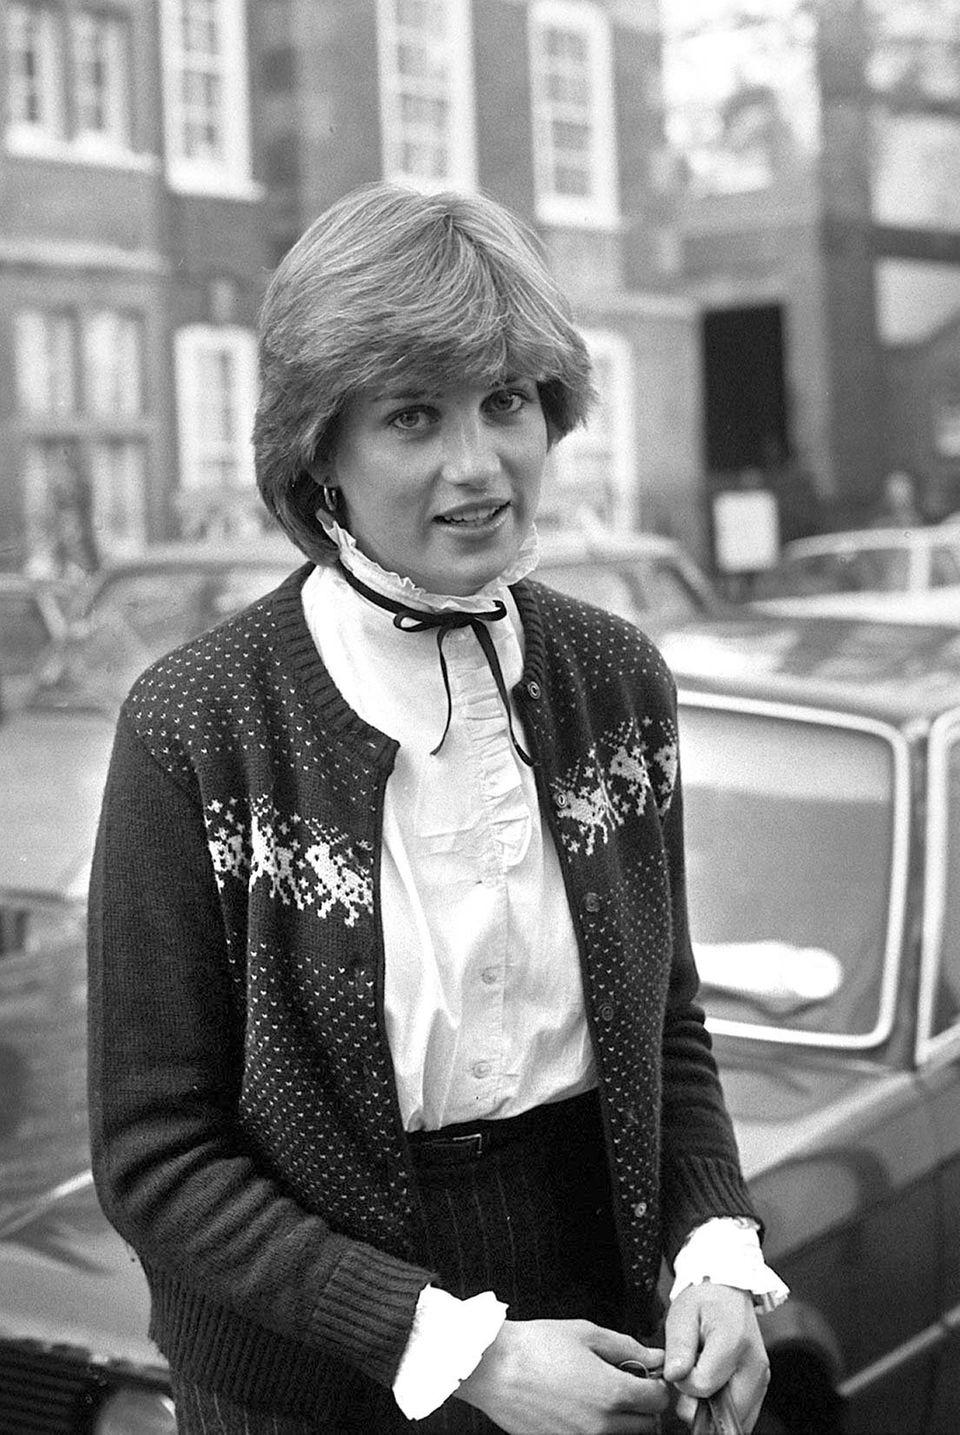 Diana Spencer, die spätere Prinzessin von Wales, 1980 beim Verlassen ihrerWohnung im Londoner Nobelviertel Knightsbridge.